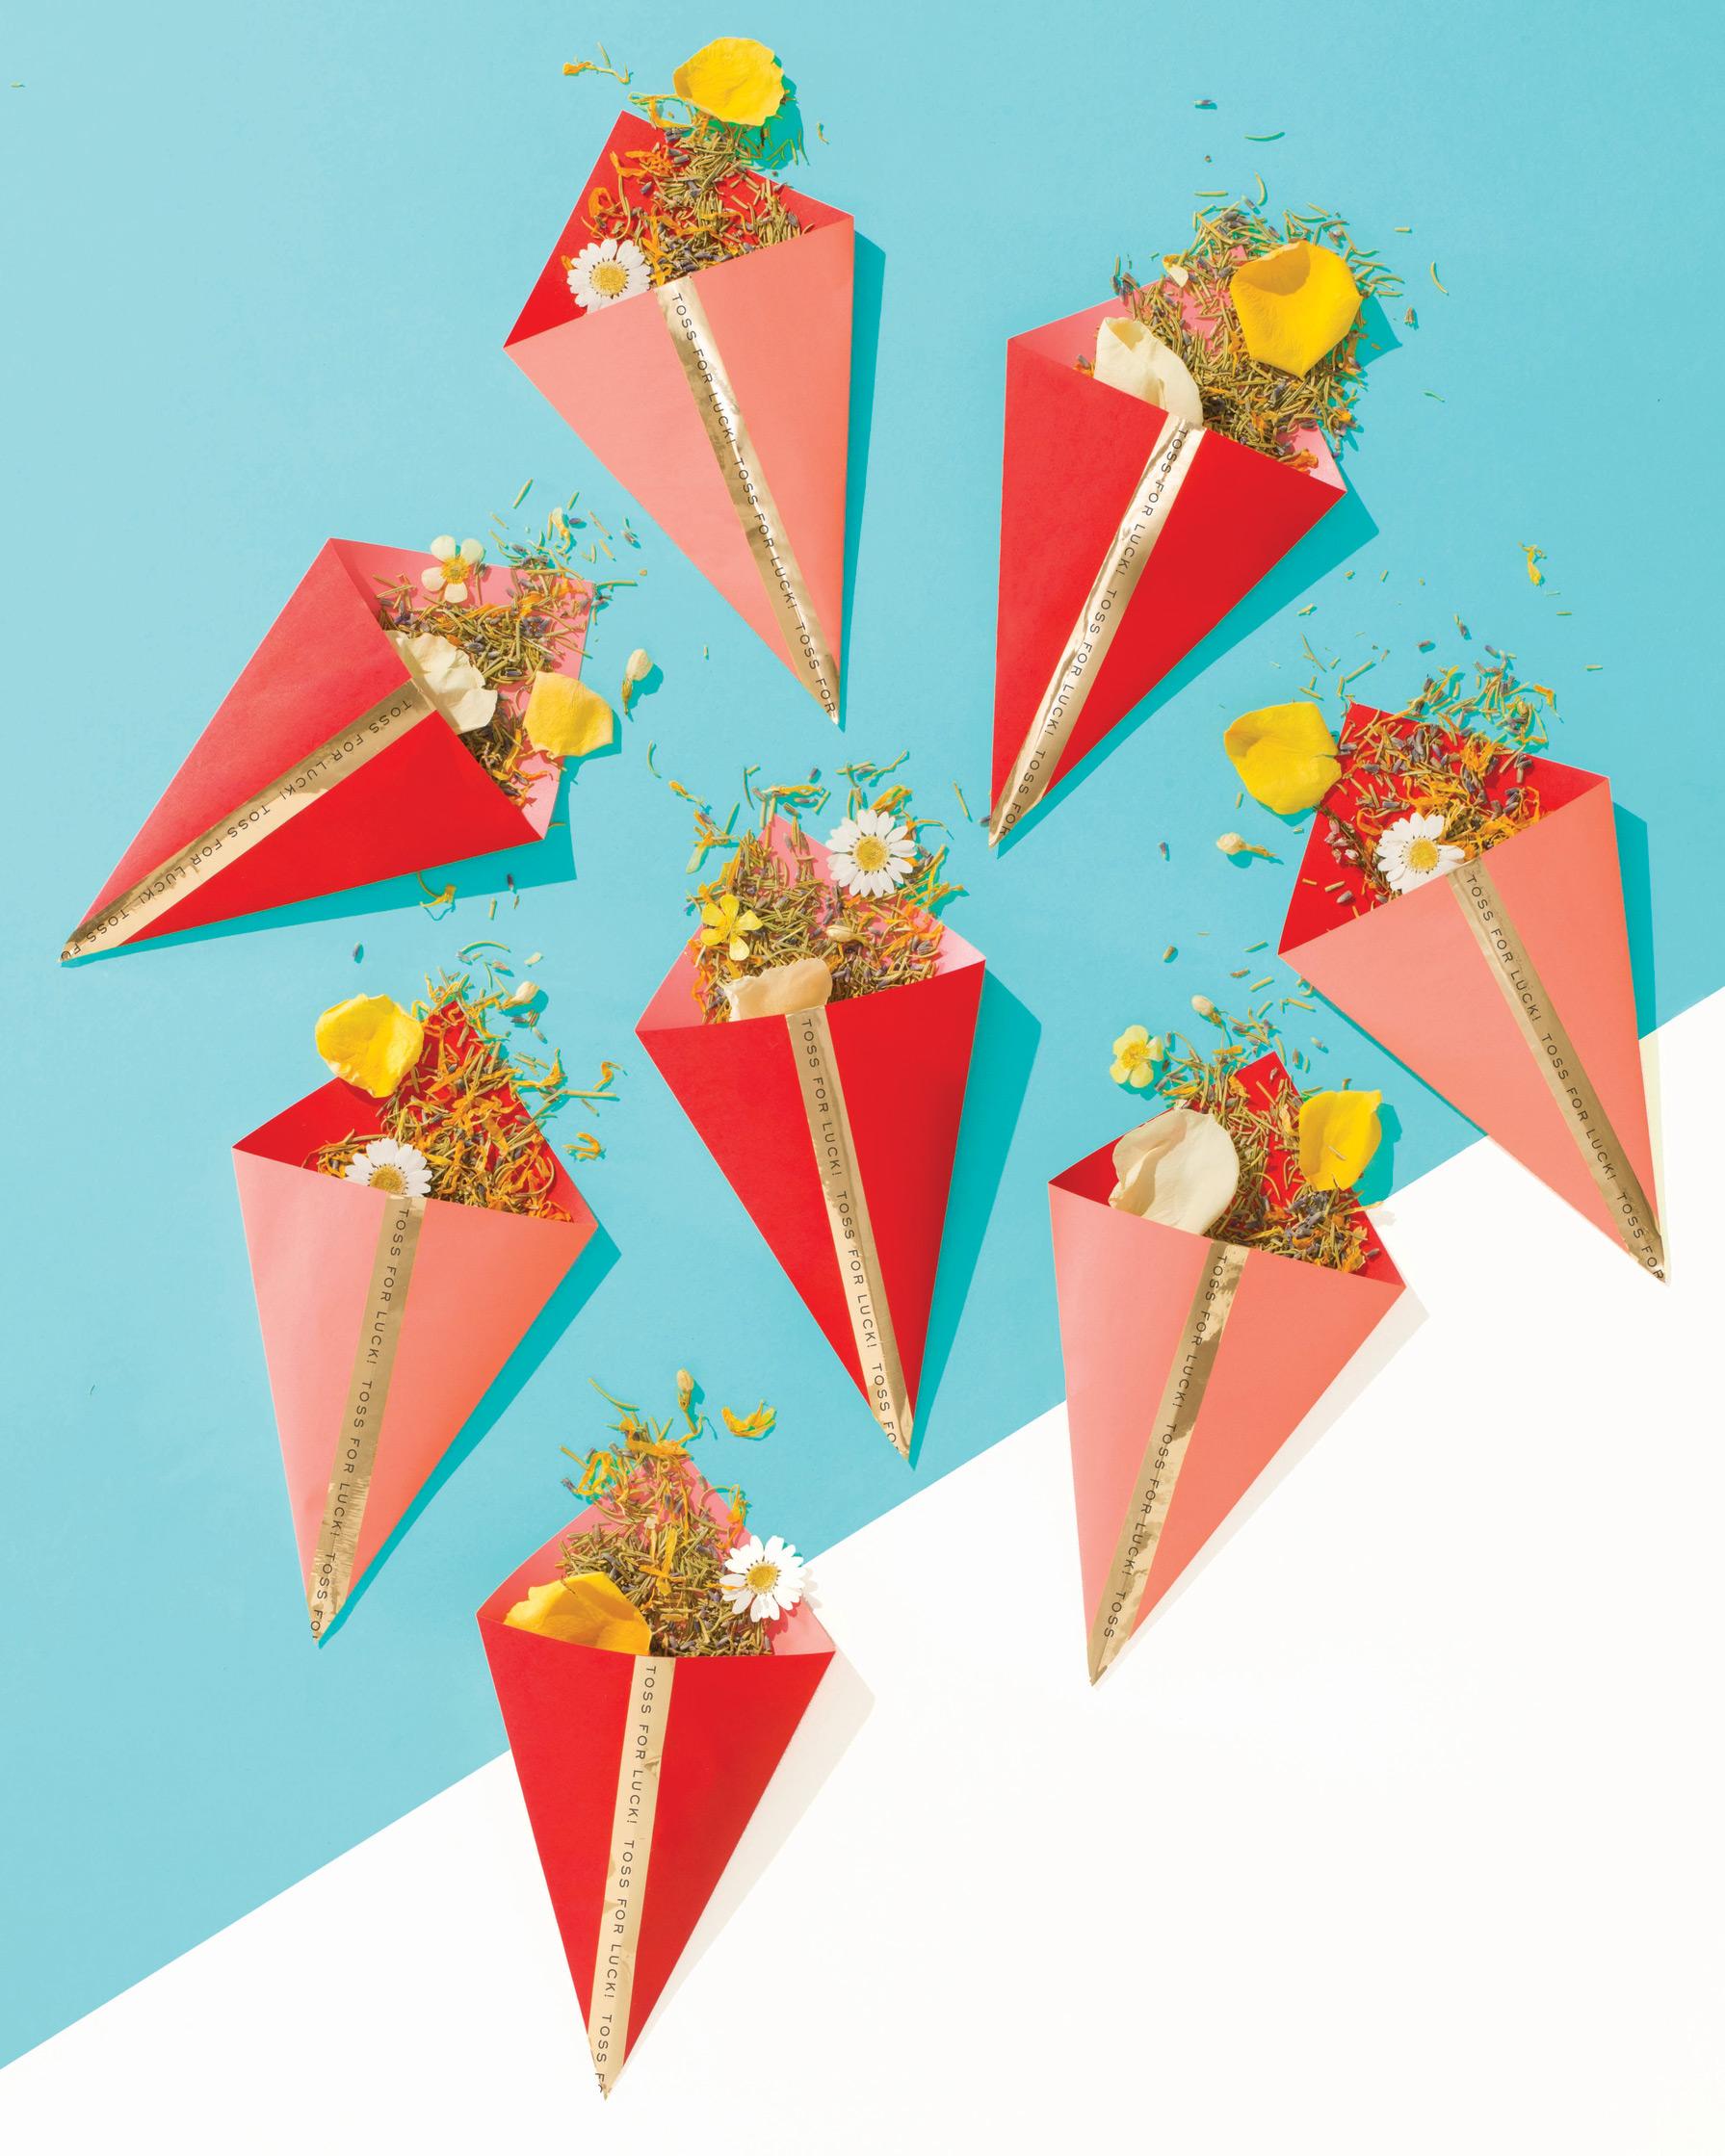 lucky-wedding-ideas-natural-confetti-tossers-flowers-petals-herbs-173-d112929.jpg